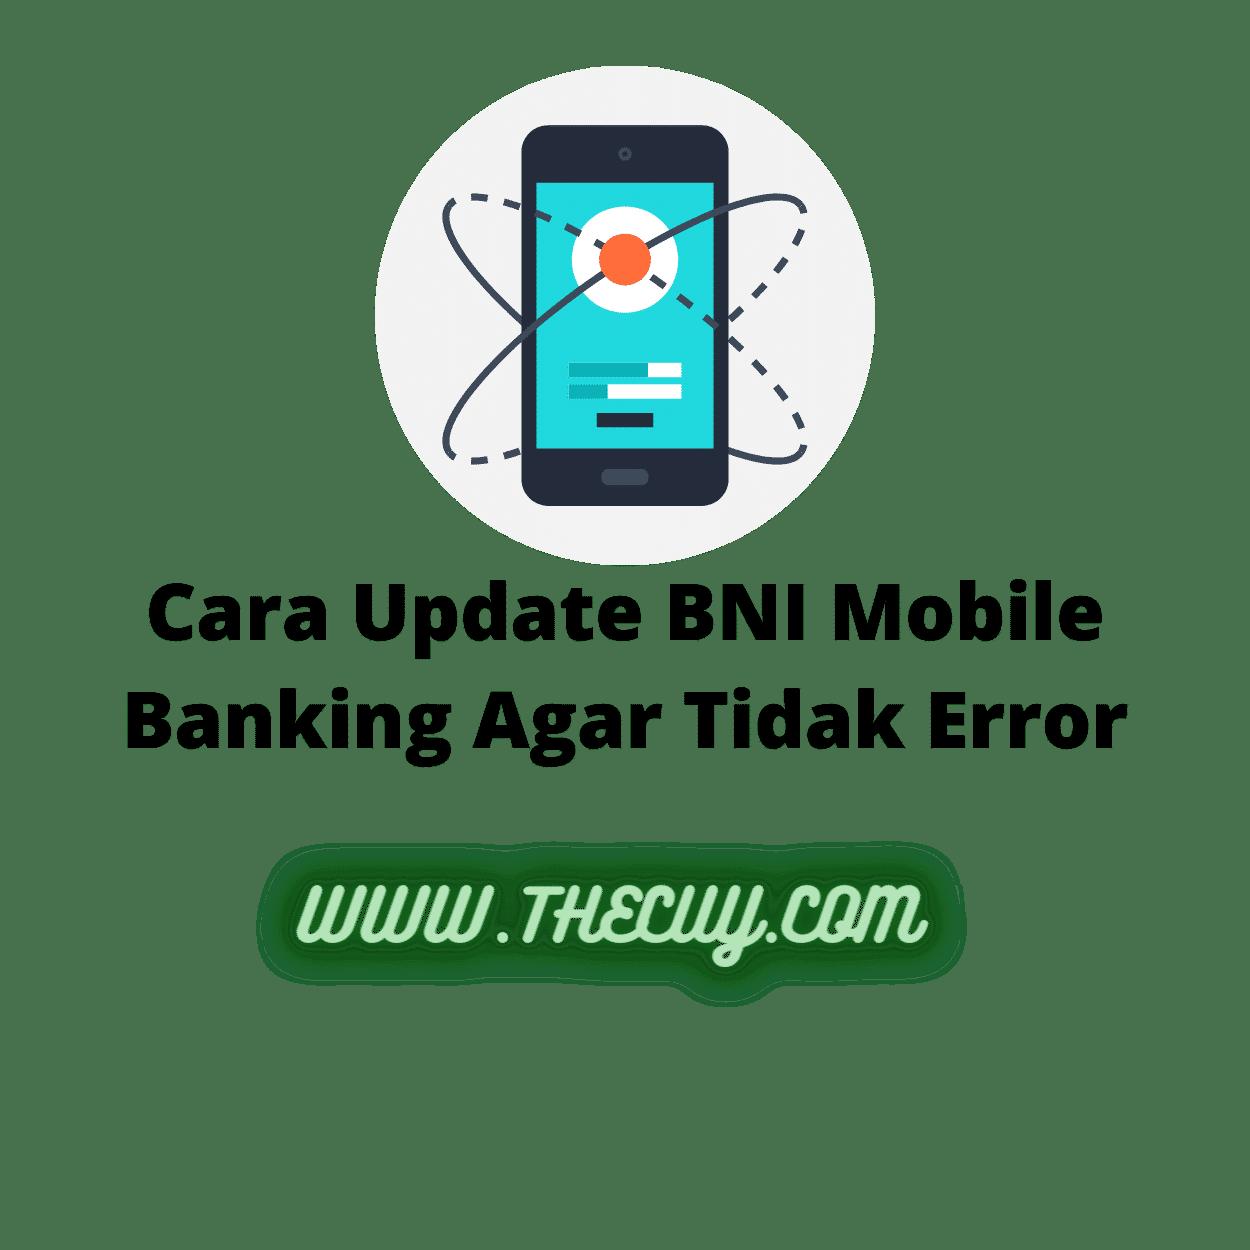 Cara Update BNI Mobile Banking Agar Tidak Error